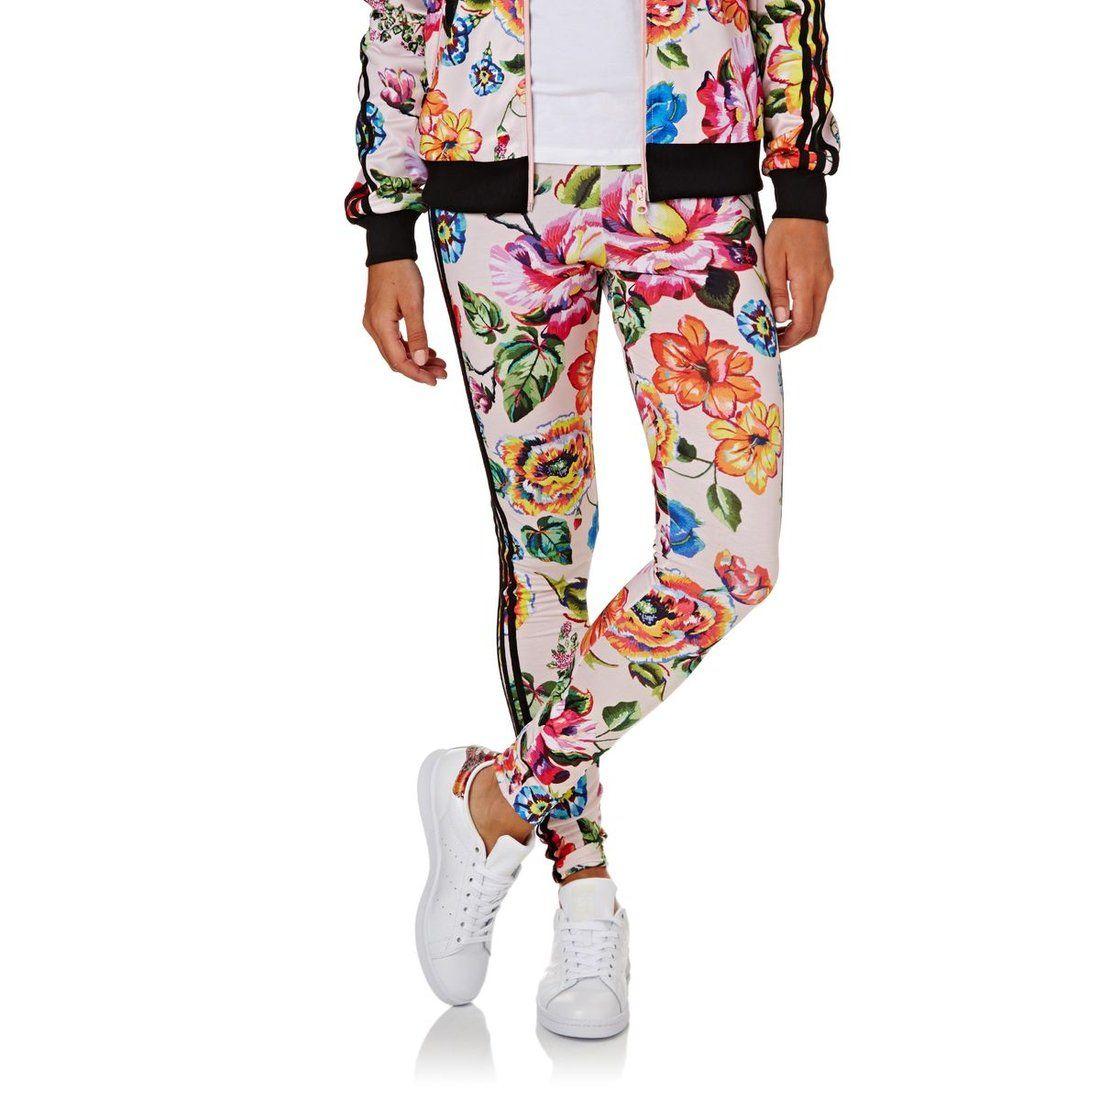 d8a14ba2956 Adidas Originals Floralita Tights Multicolor | 27,99 GBP ...